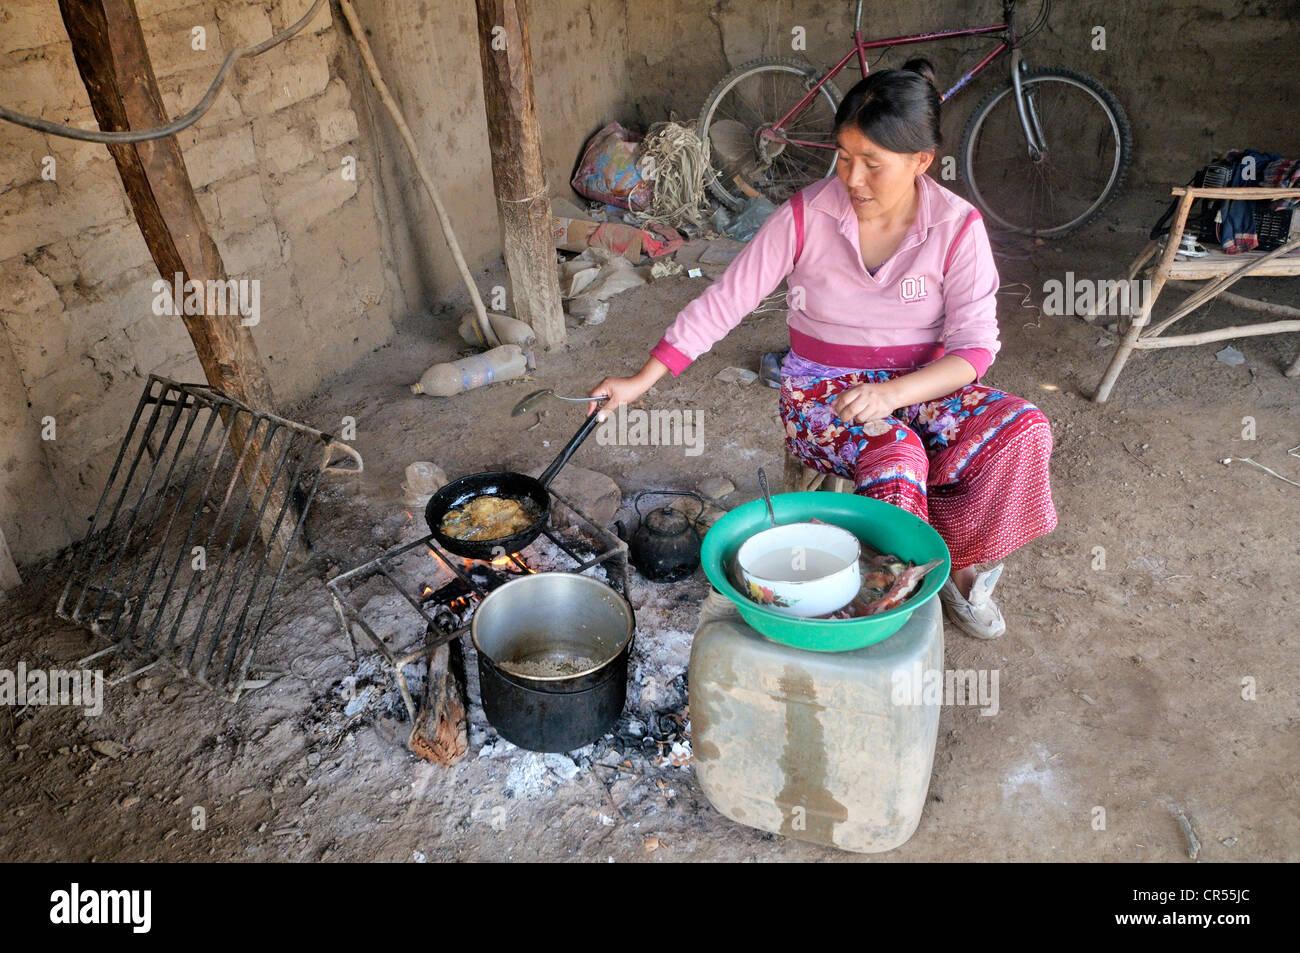 Indigene Frau aus dem Wichi-Indianer-Stamm, 31 Jahre, Kochen in ...